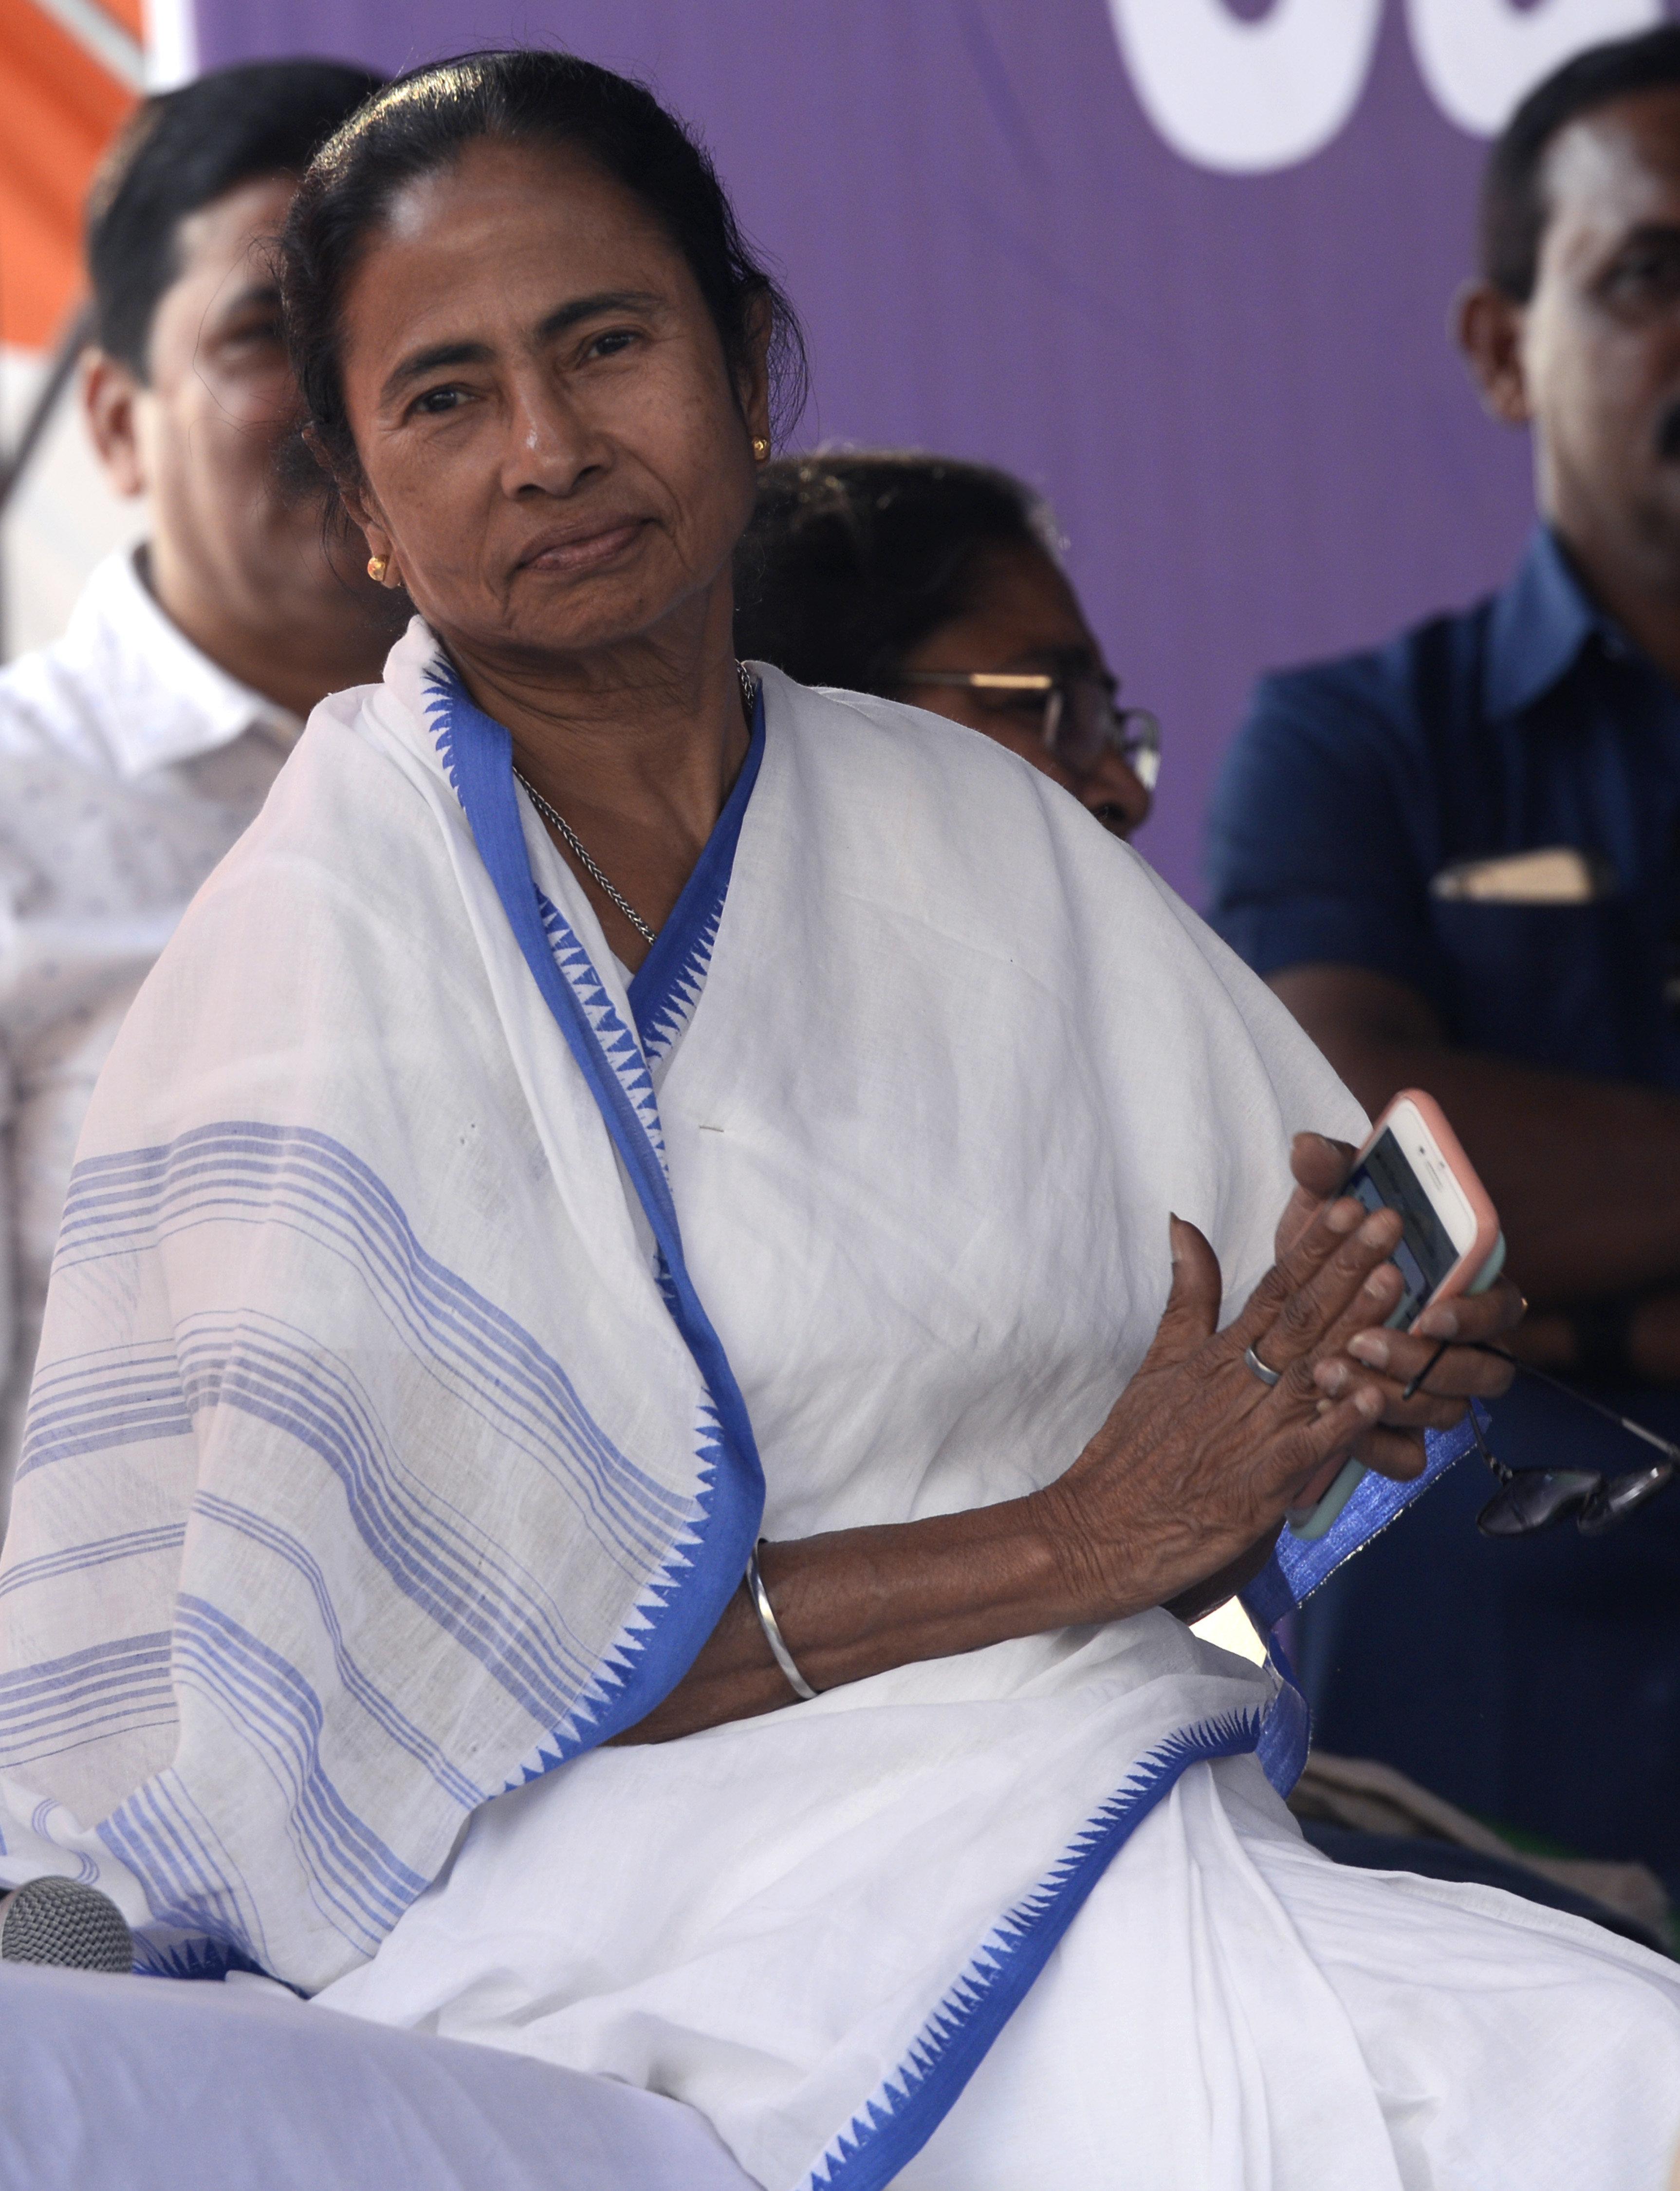 Mamata Banerjee Ends Three-Day Long Dharna, Calls SC Order